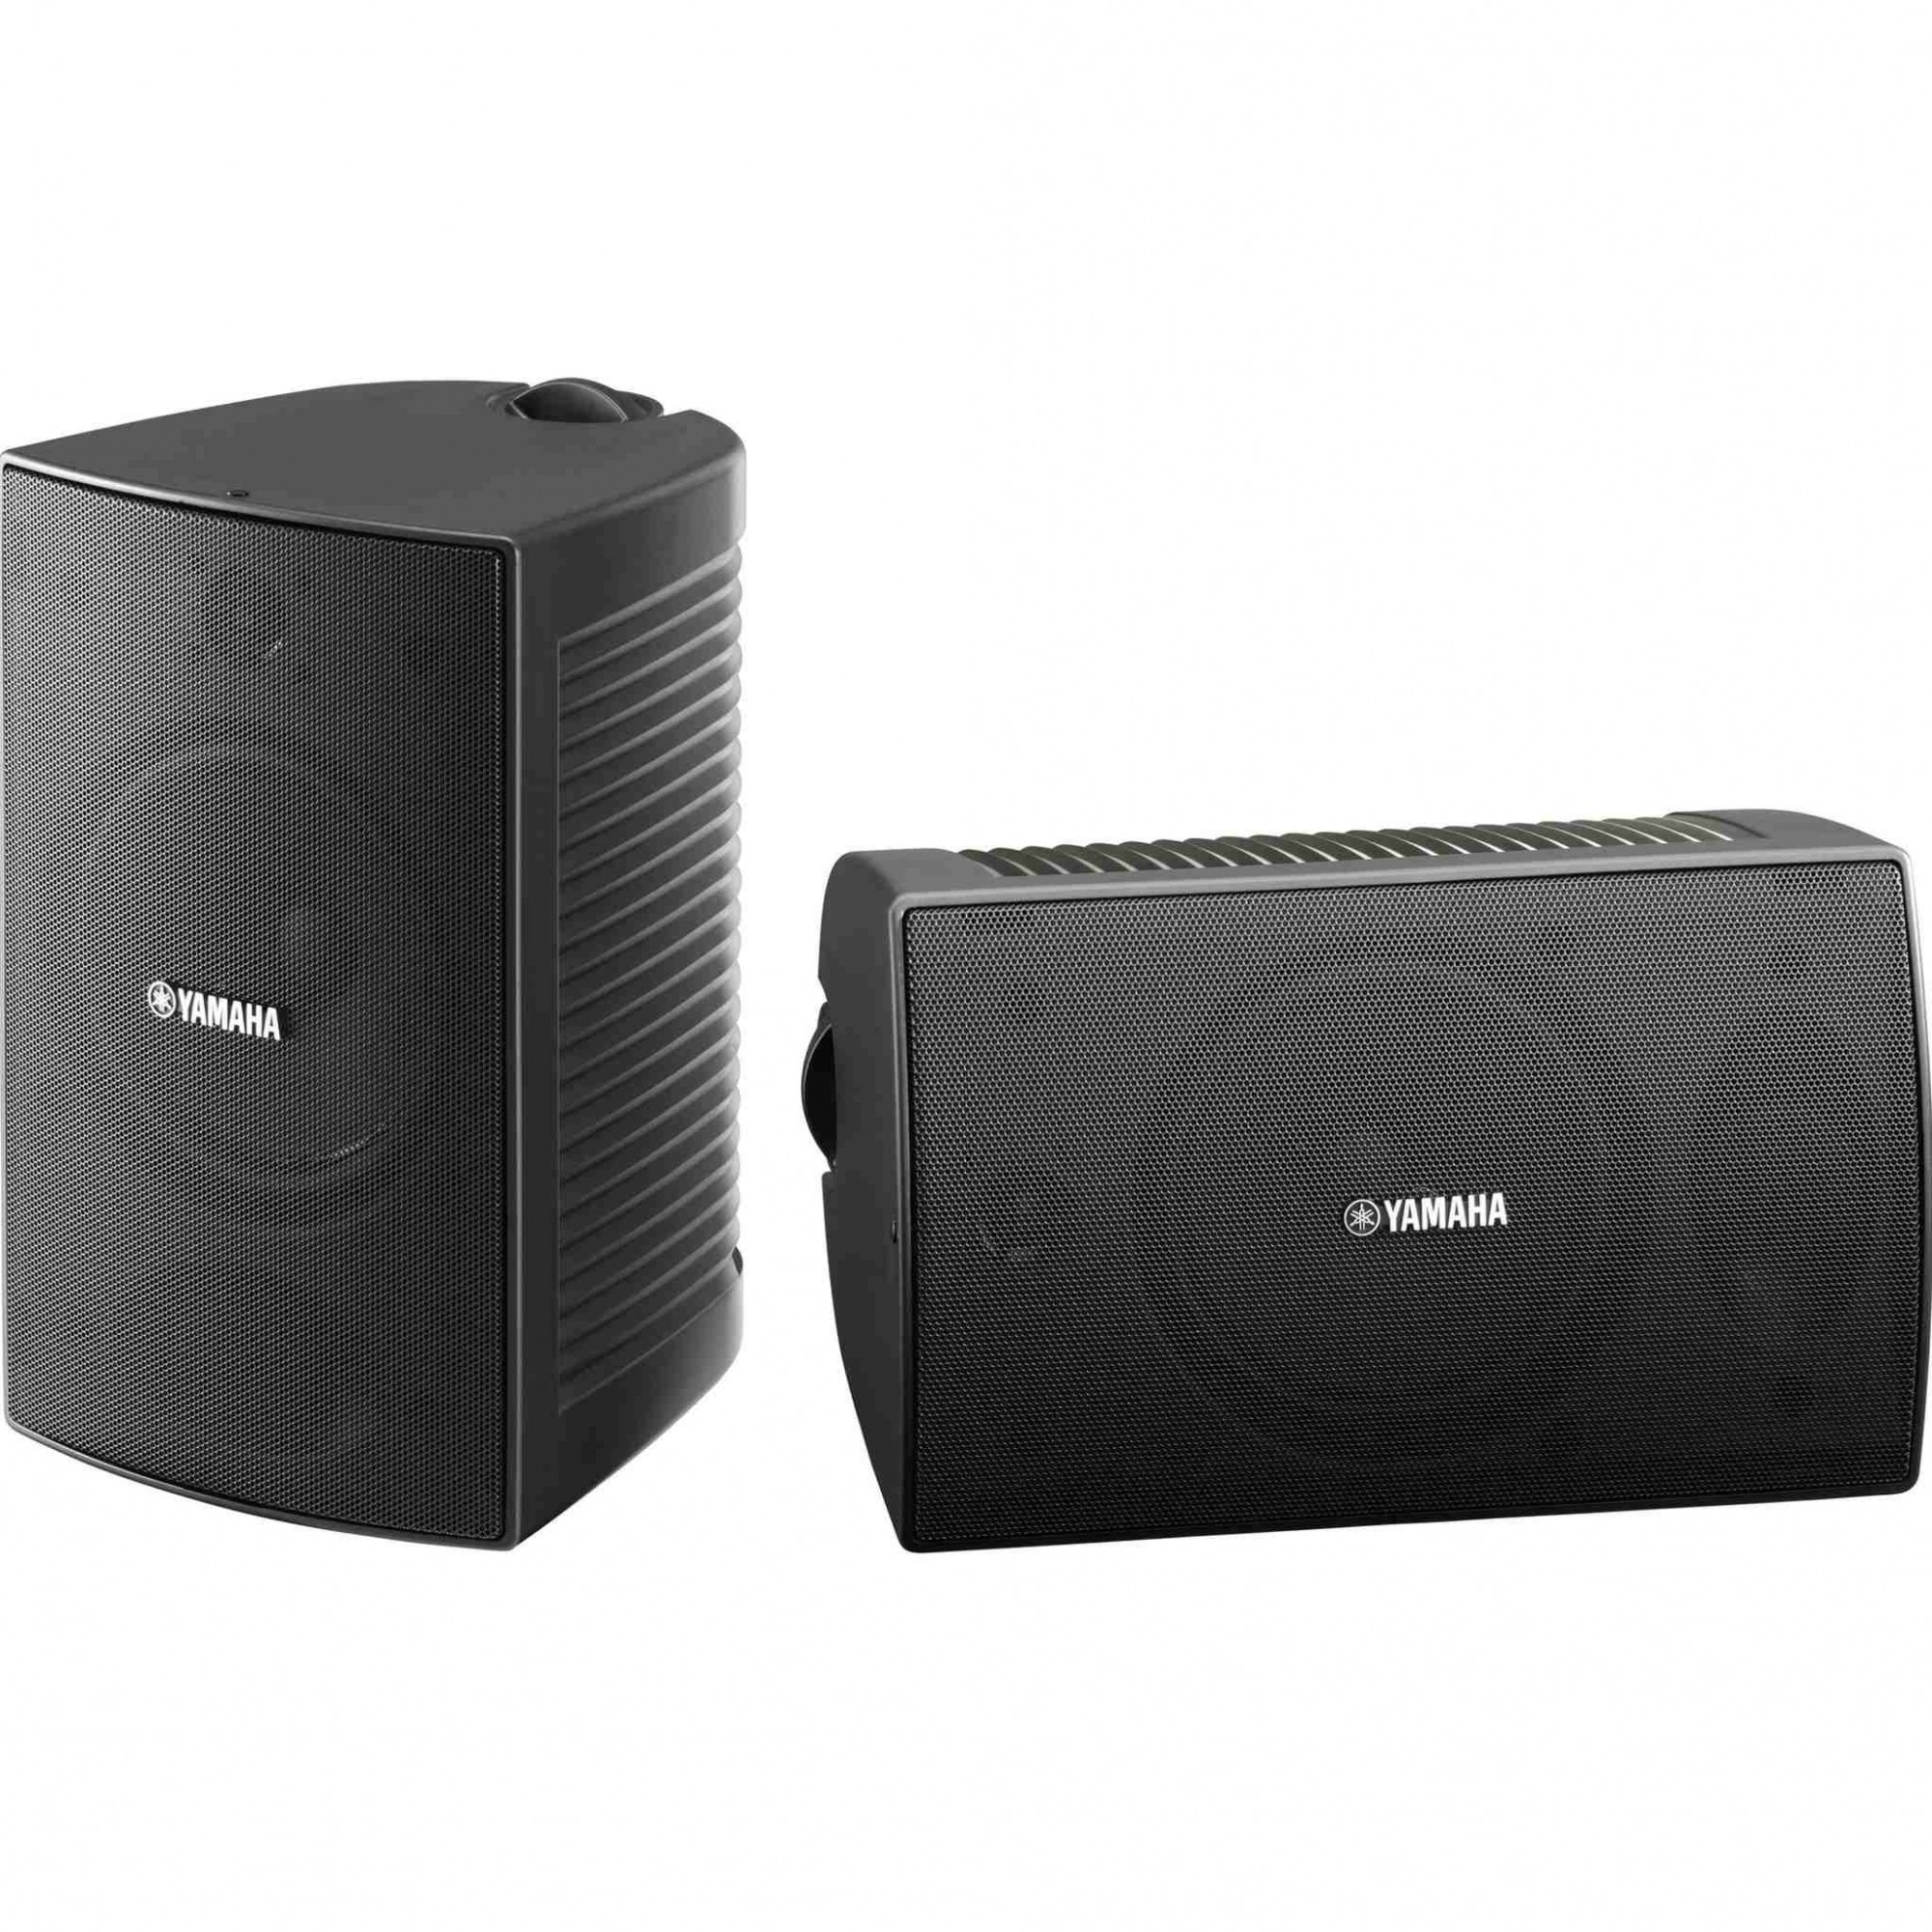 Yamaha NS-AW294 Caixa acústica externa para ar livre PAR - Preto